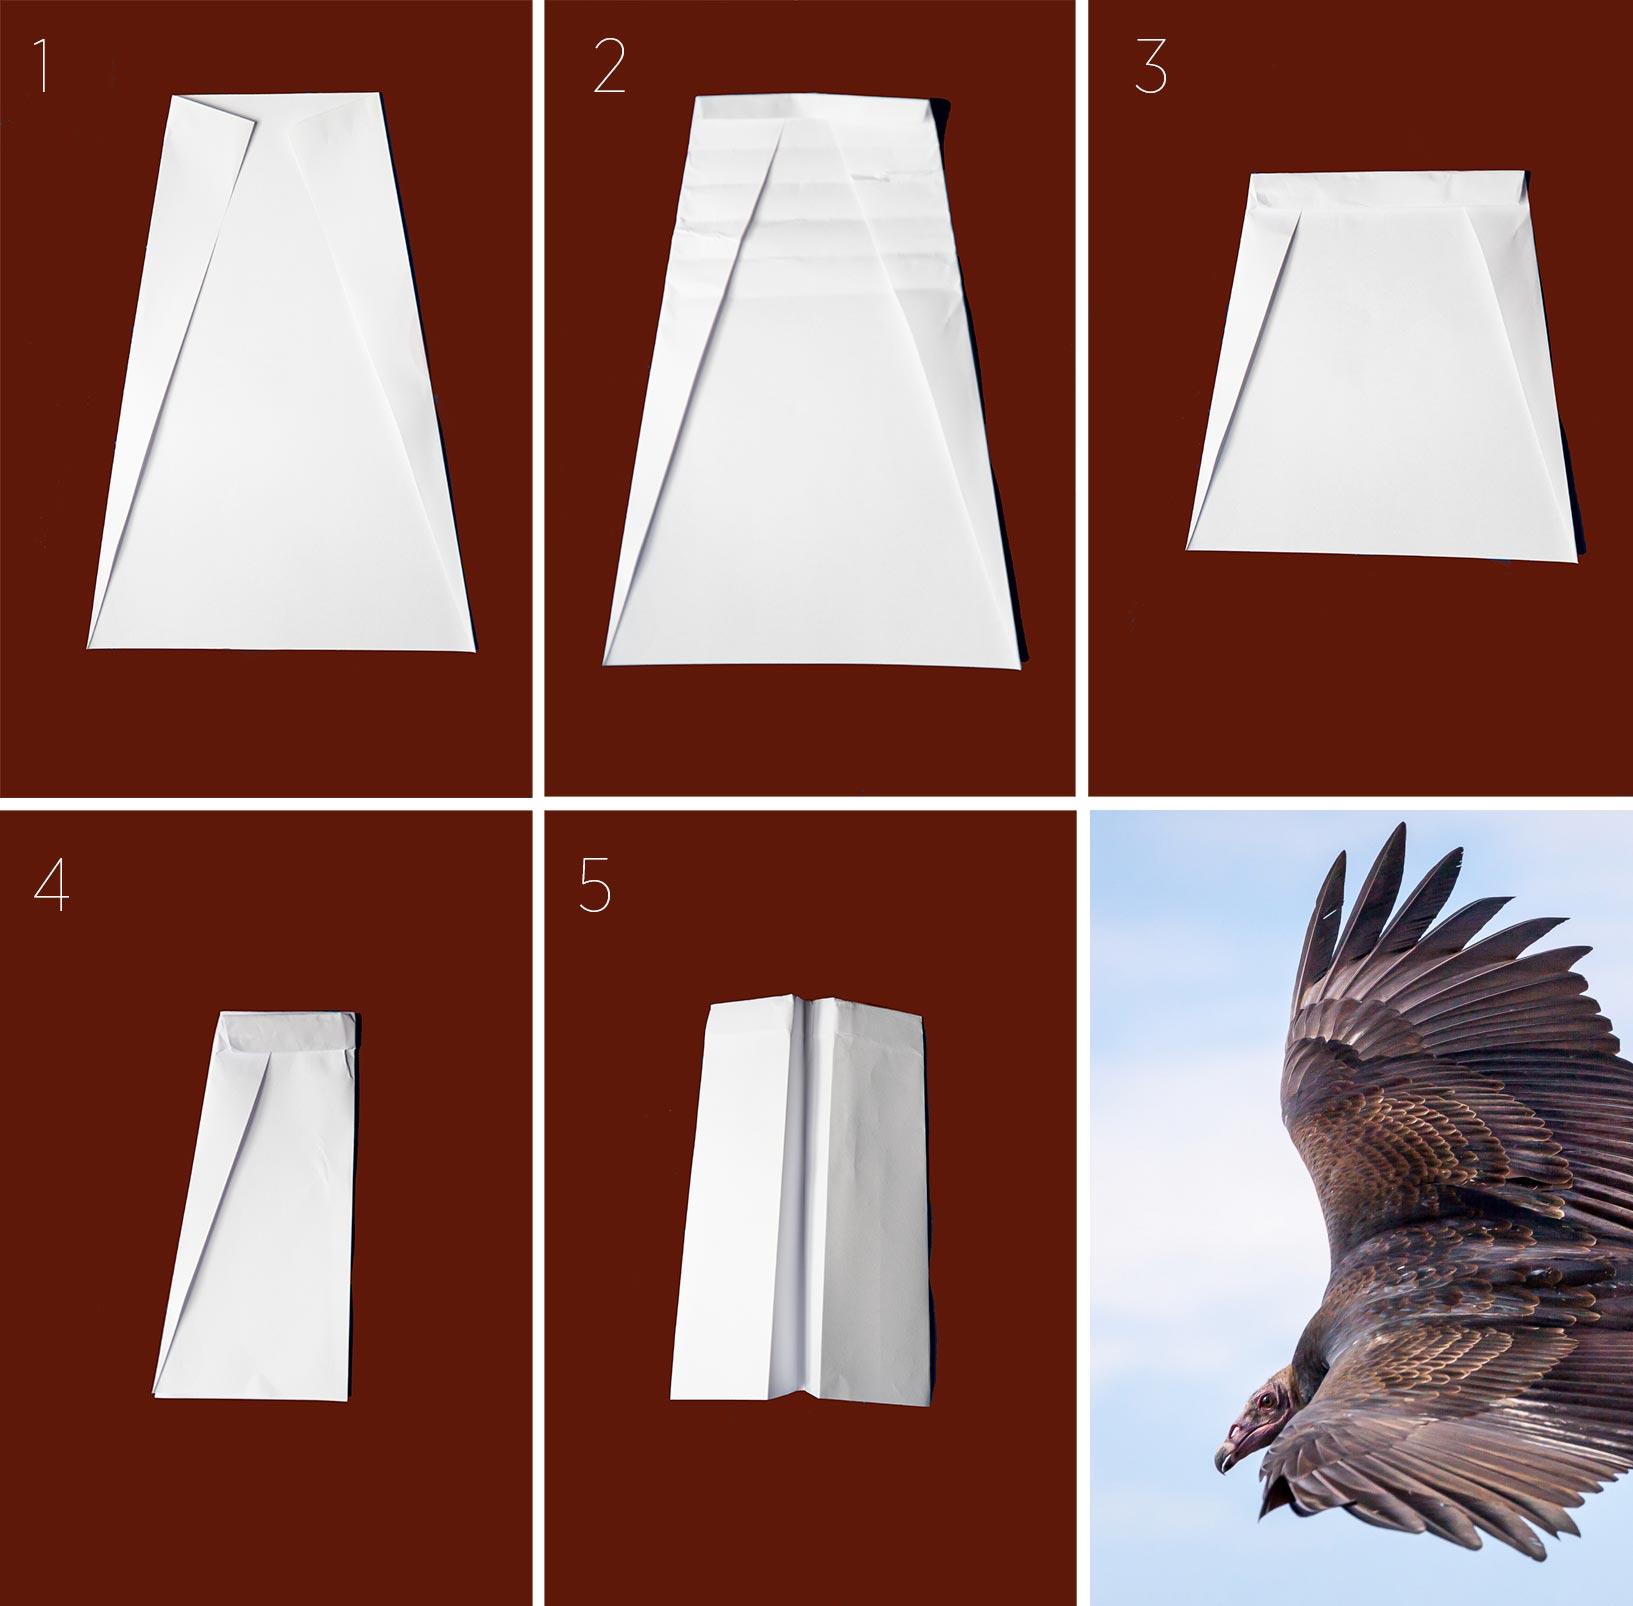 Direcciones para doblar un Zopilote de Aura de papel. Todos los fotos de los aviones de papel: Camilla Cerea/Audubon. Zopilote de Aura. Foto: John Comisky/Premios de Fotografía Audubon.